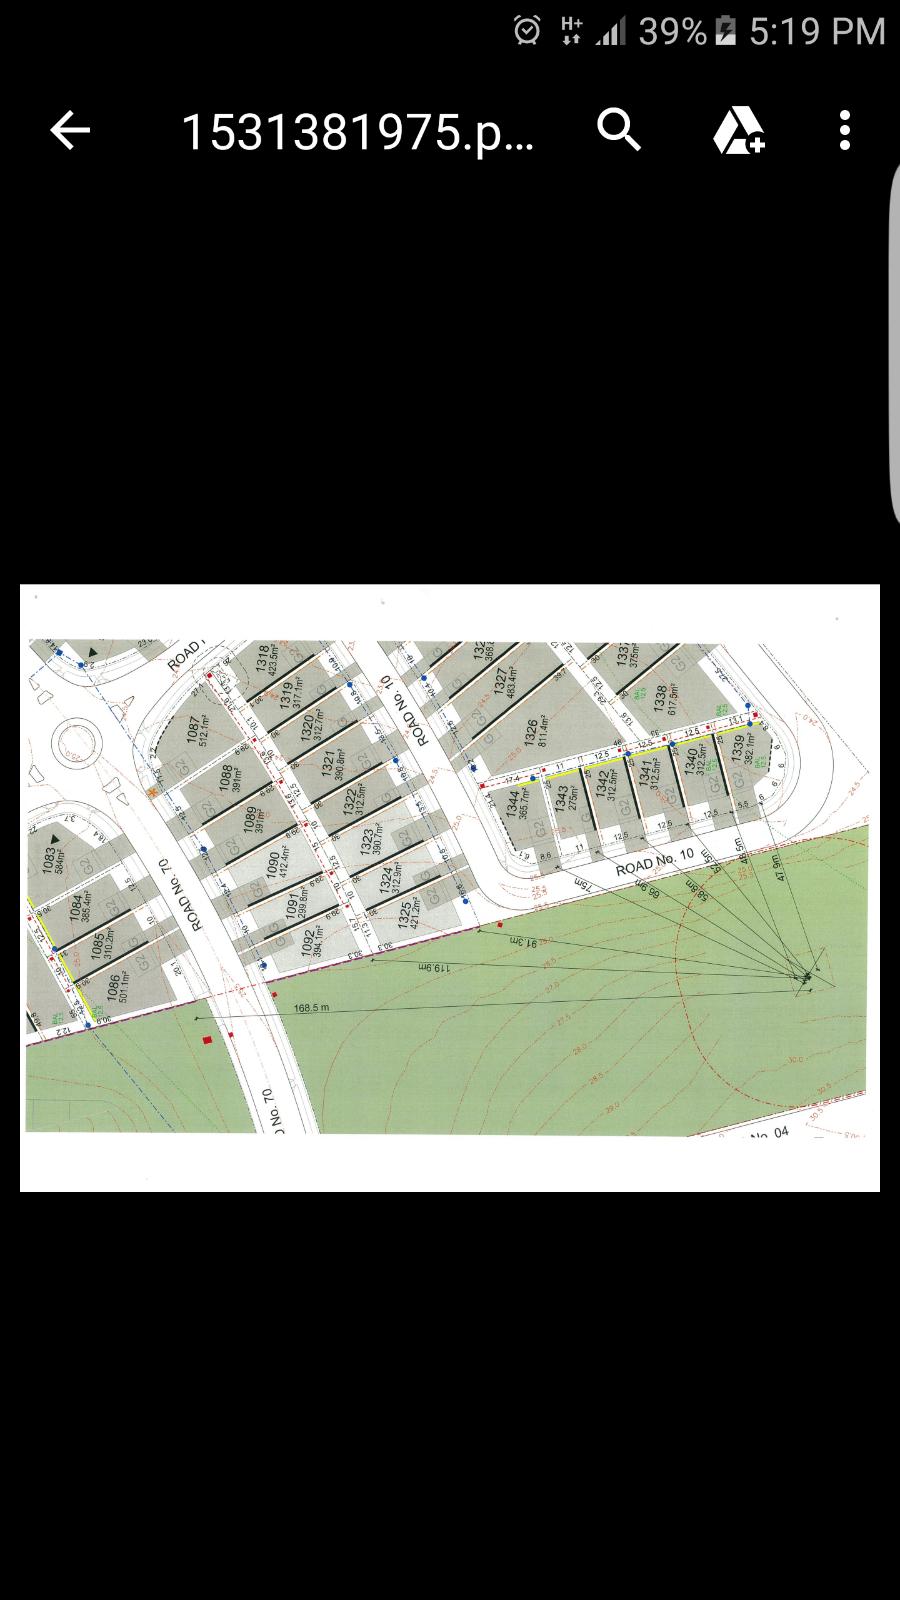 Anyone building in Jordan Springs East?